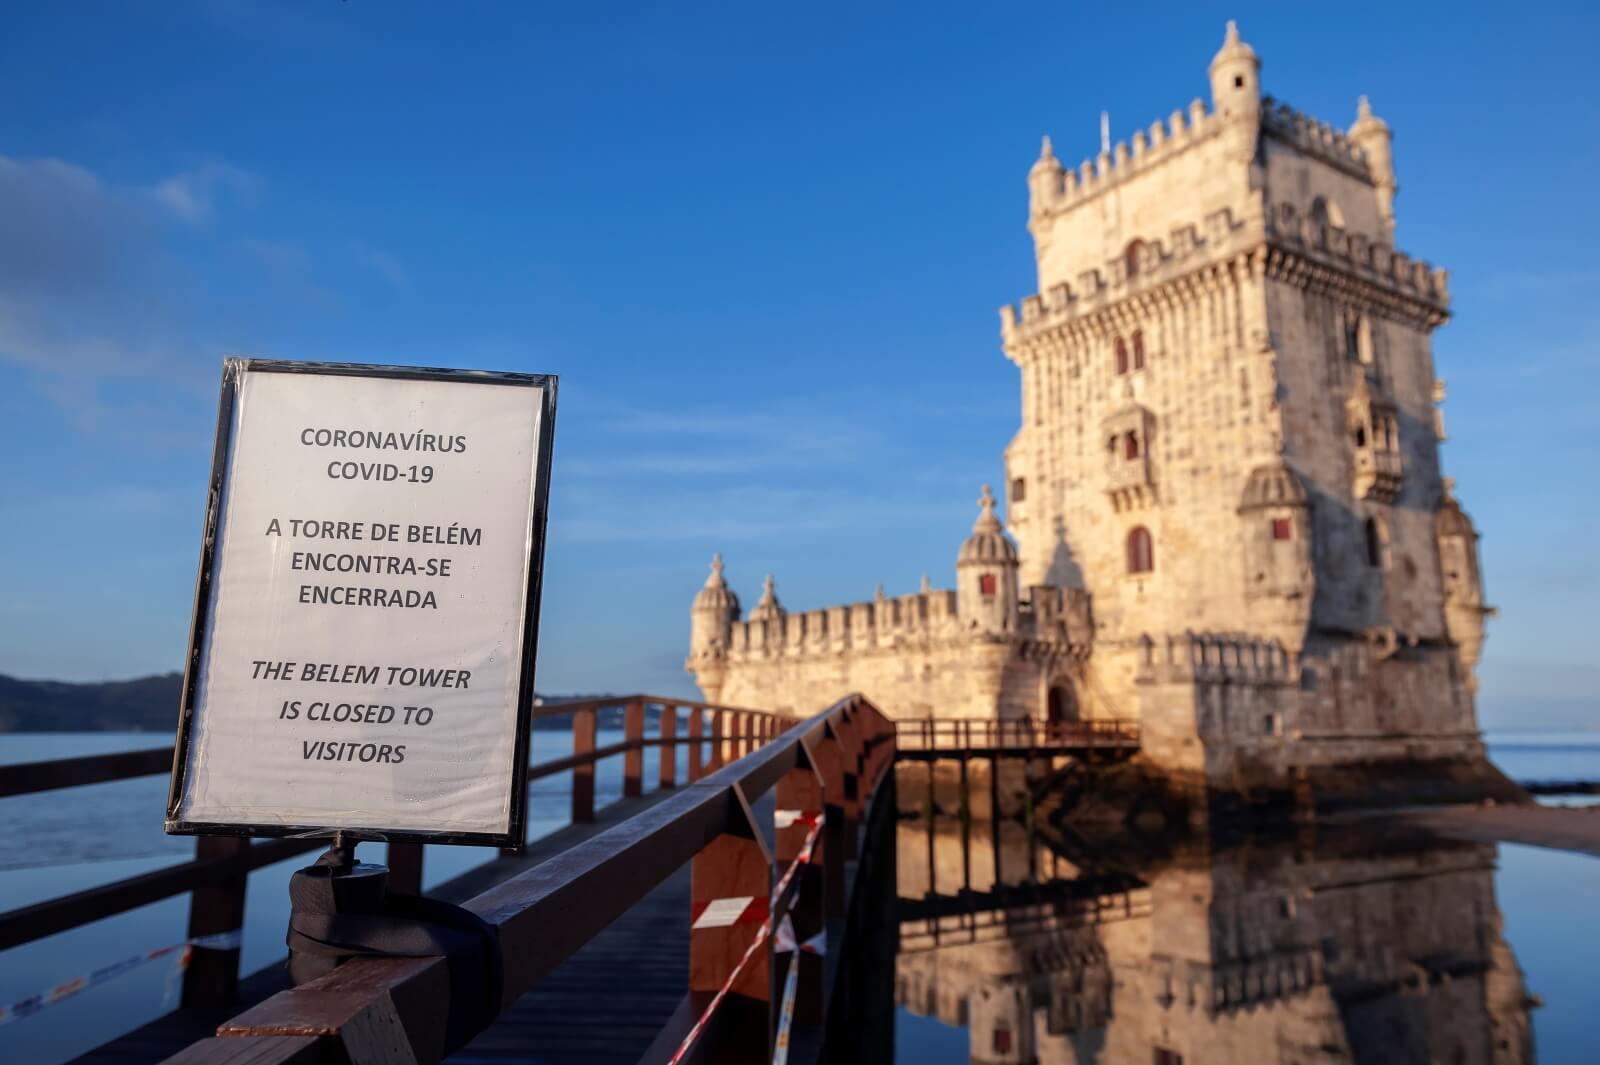 Diário de uma pandemia - Marcos Sobral - Portugal